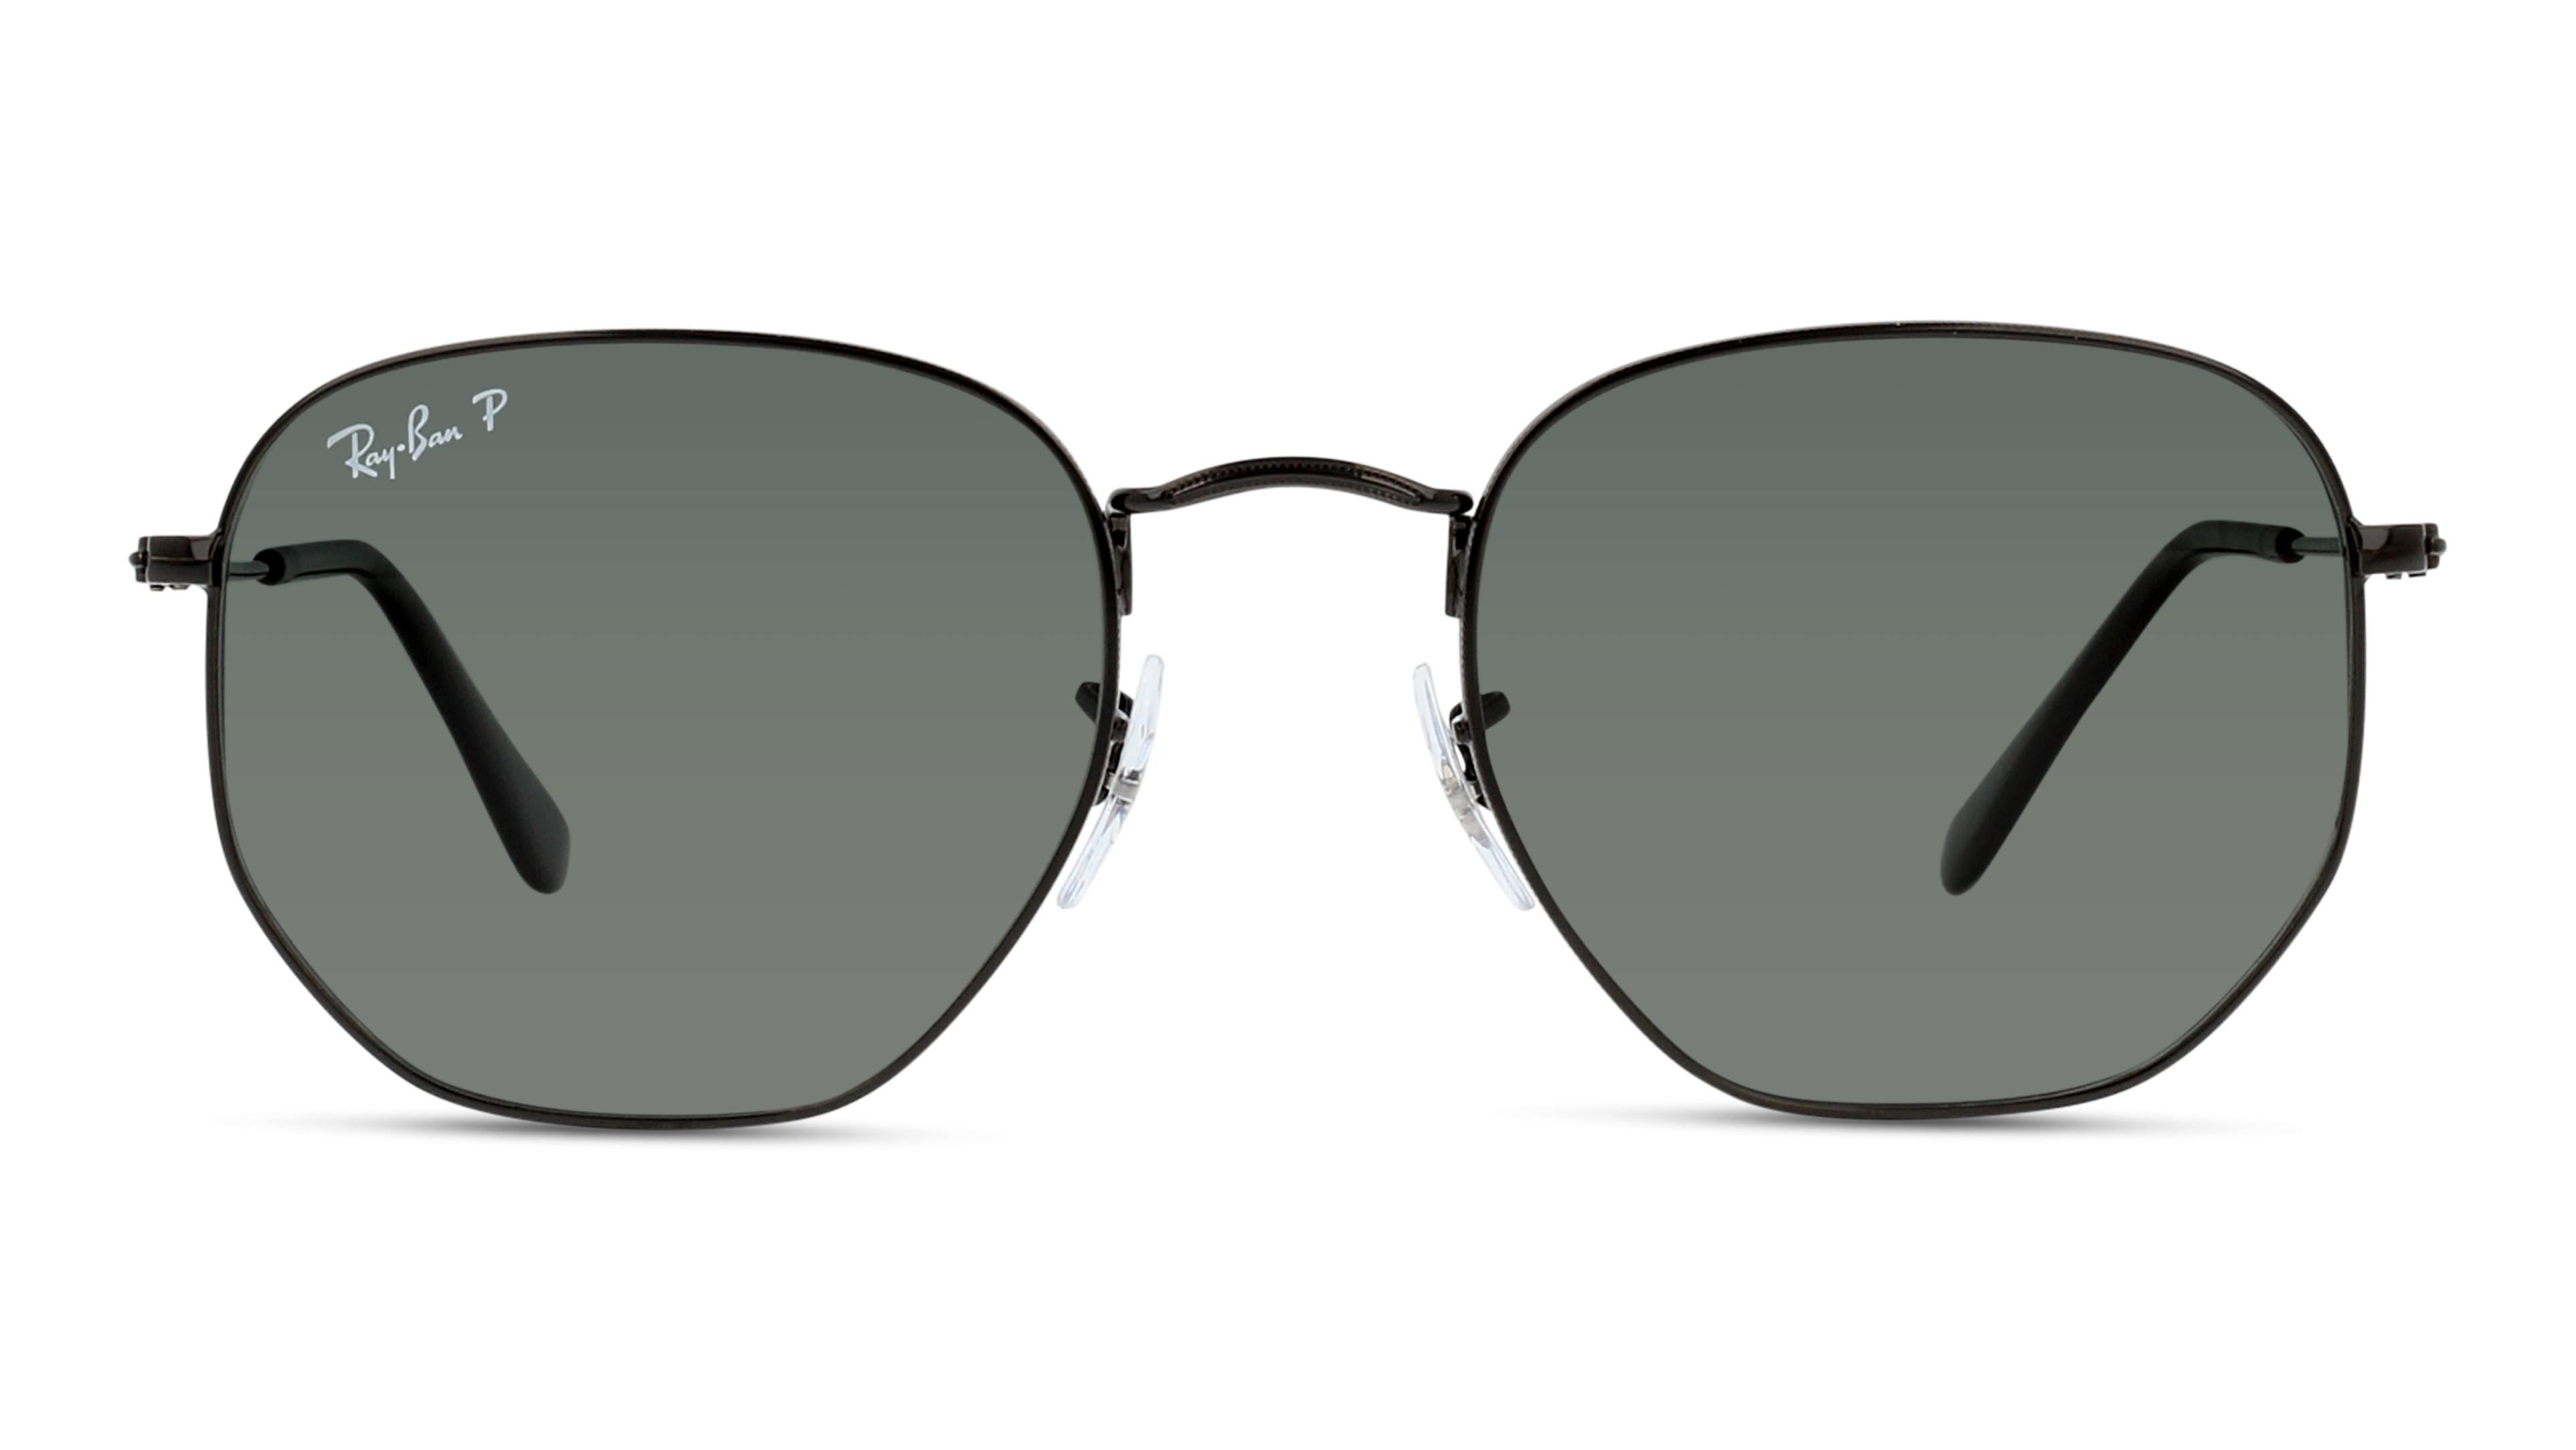 8053672743869-front-01-rayban-glasses-eyewear-pair